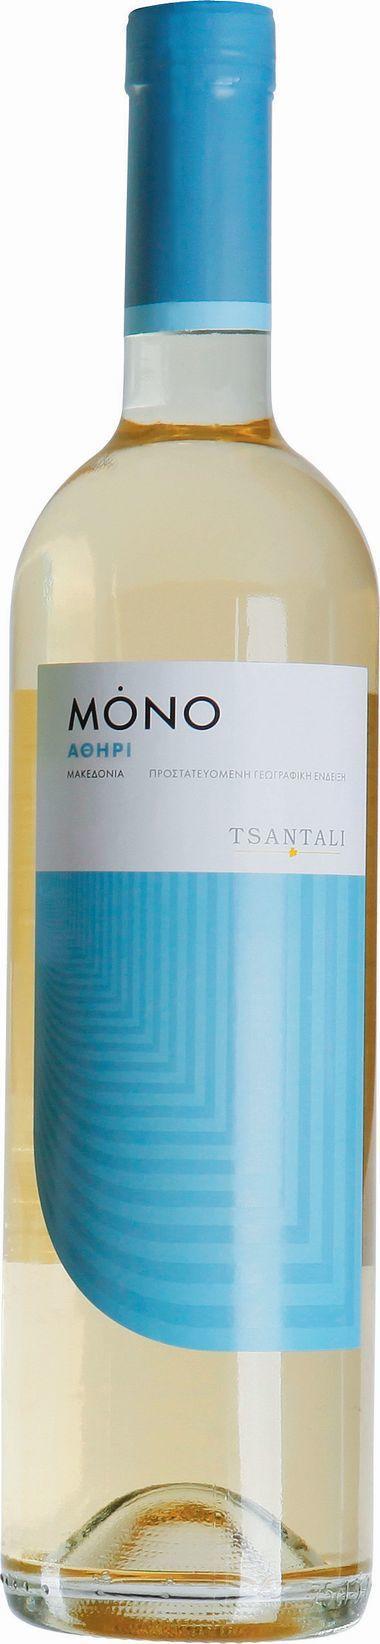 Οίνος Λευκός Μόνο Αθήρι Τσάνταλη (750 ml)